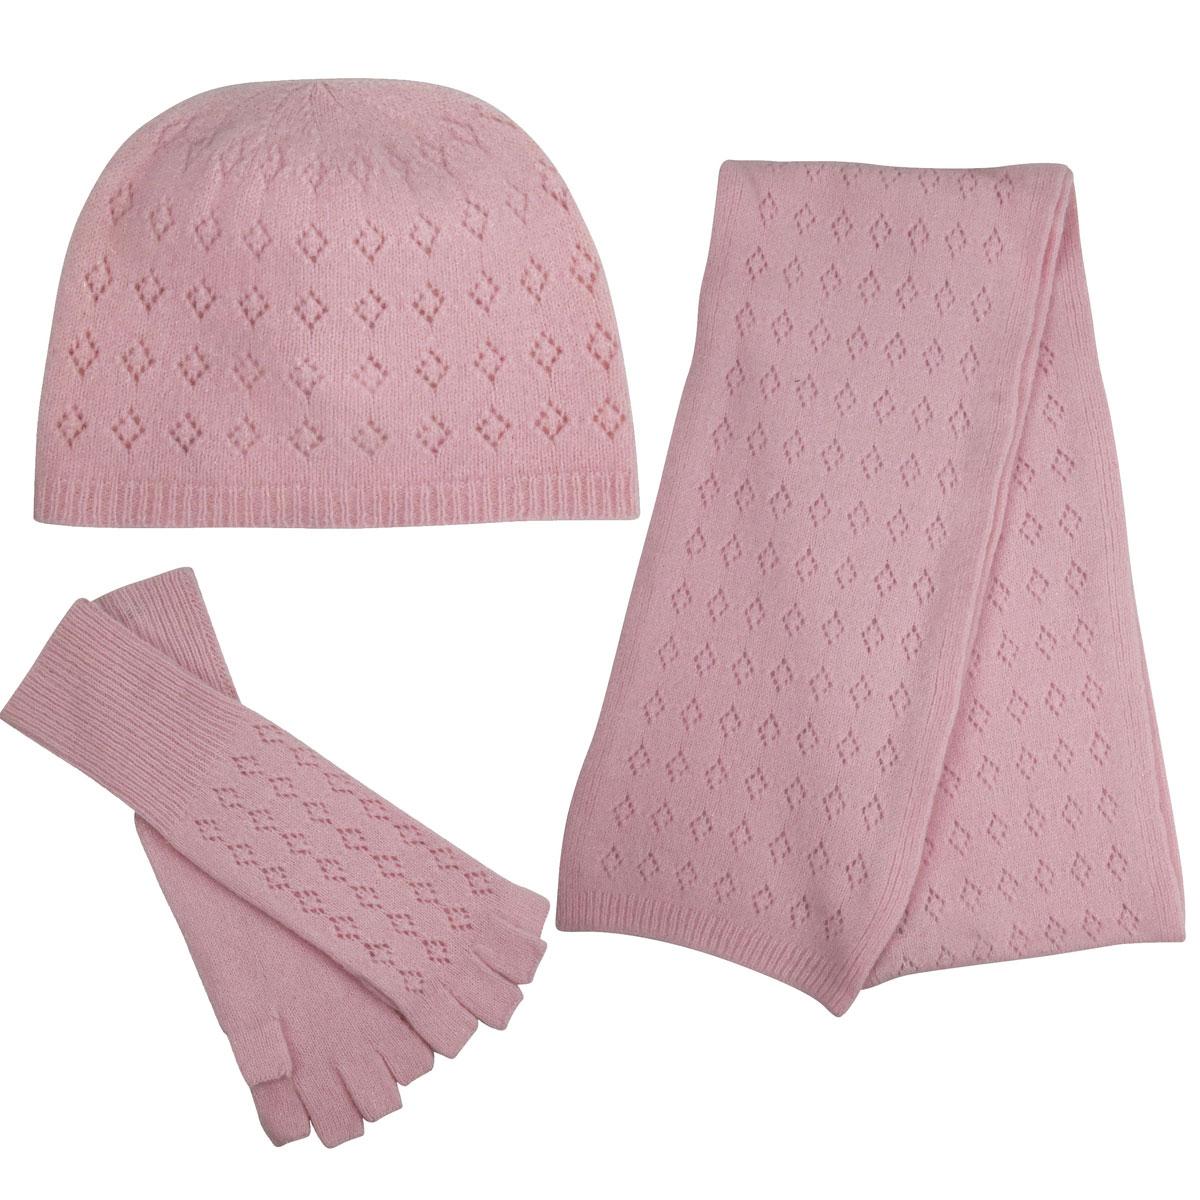 Betmar Pink V Eyelet 3-Piece Set in Pink